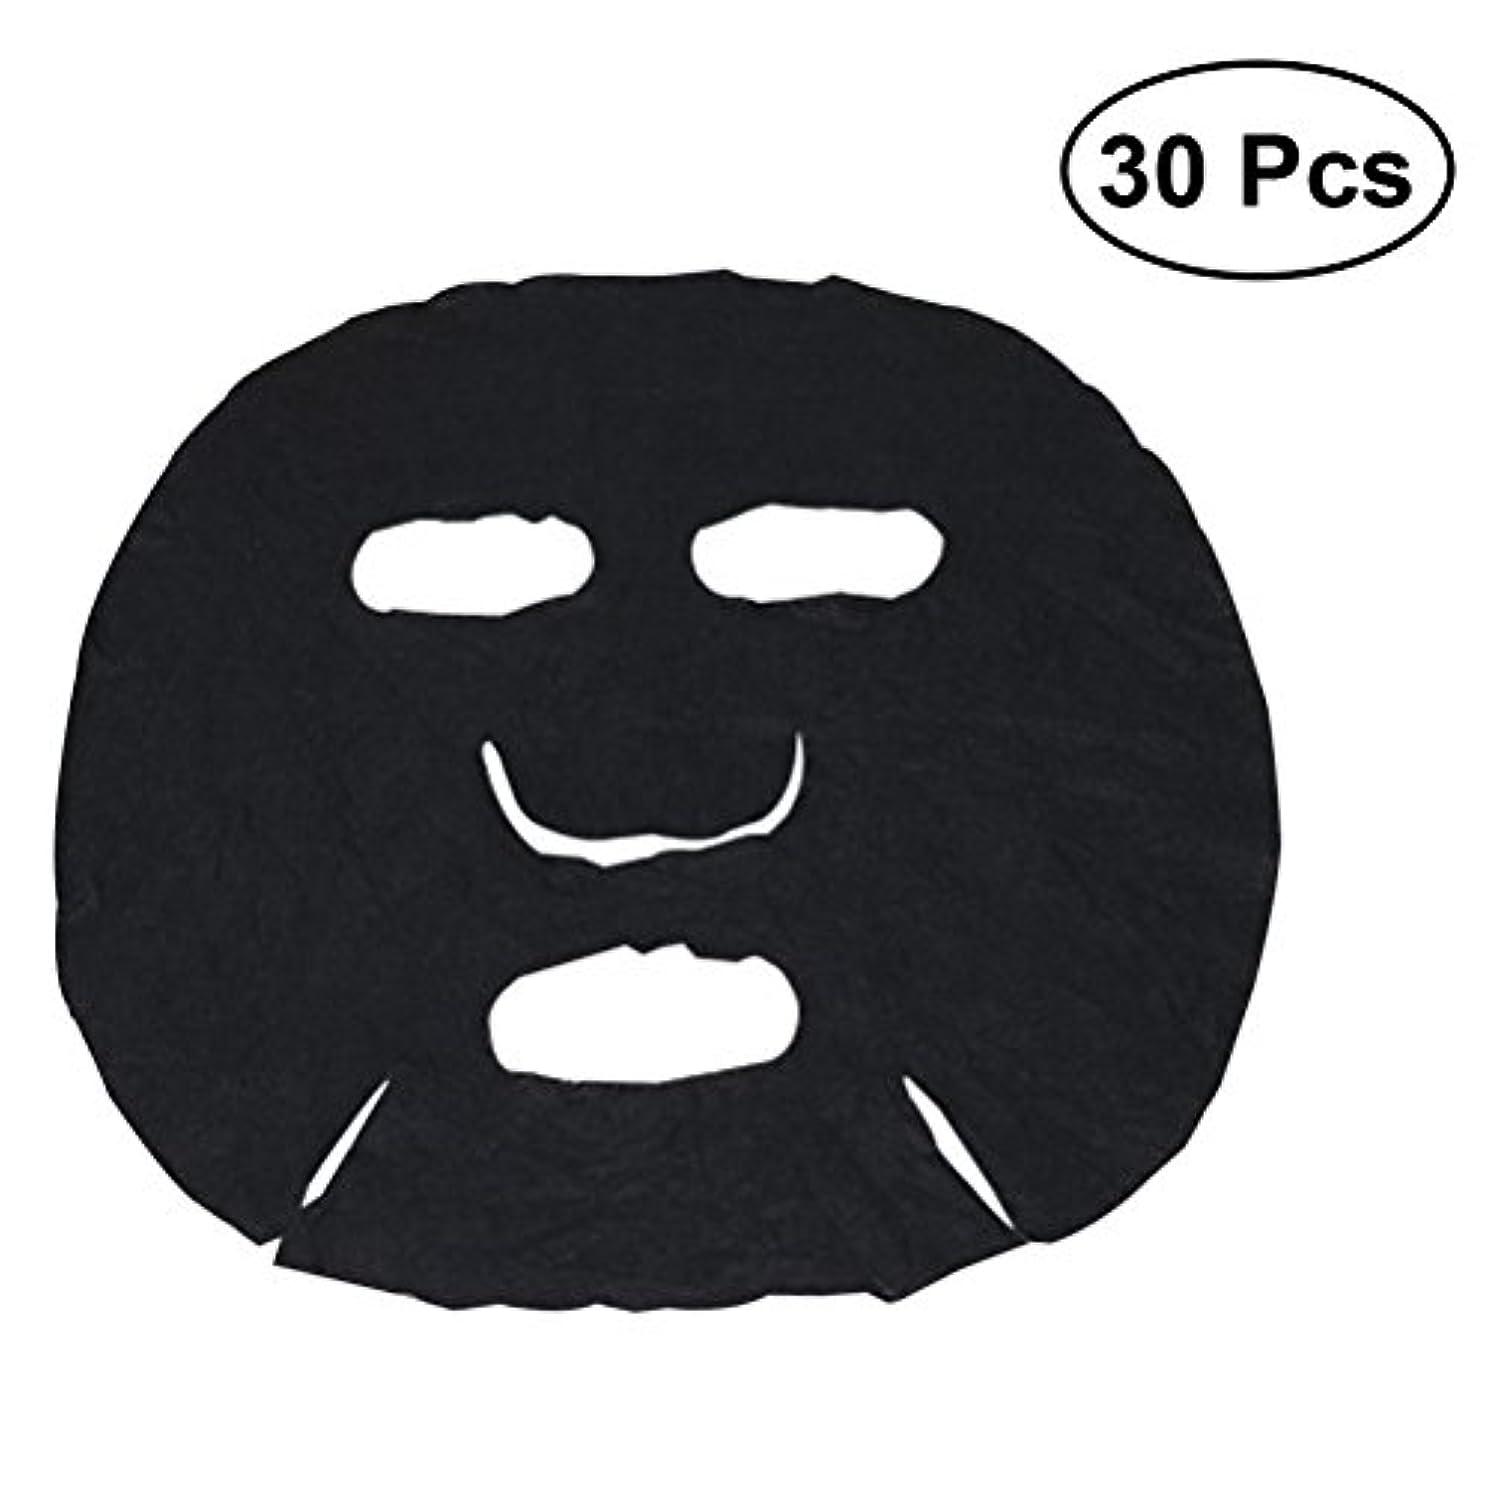 懐疑的ビヨンマイナーFrcolor 圧縮マスク 圧縮フェイスパック 竹炭 圧縮マスクシート スキンケア DIY 30枚入り 携帯便利 使い捨て